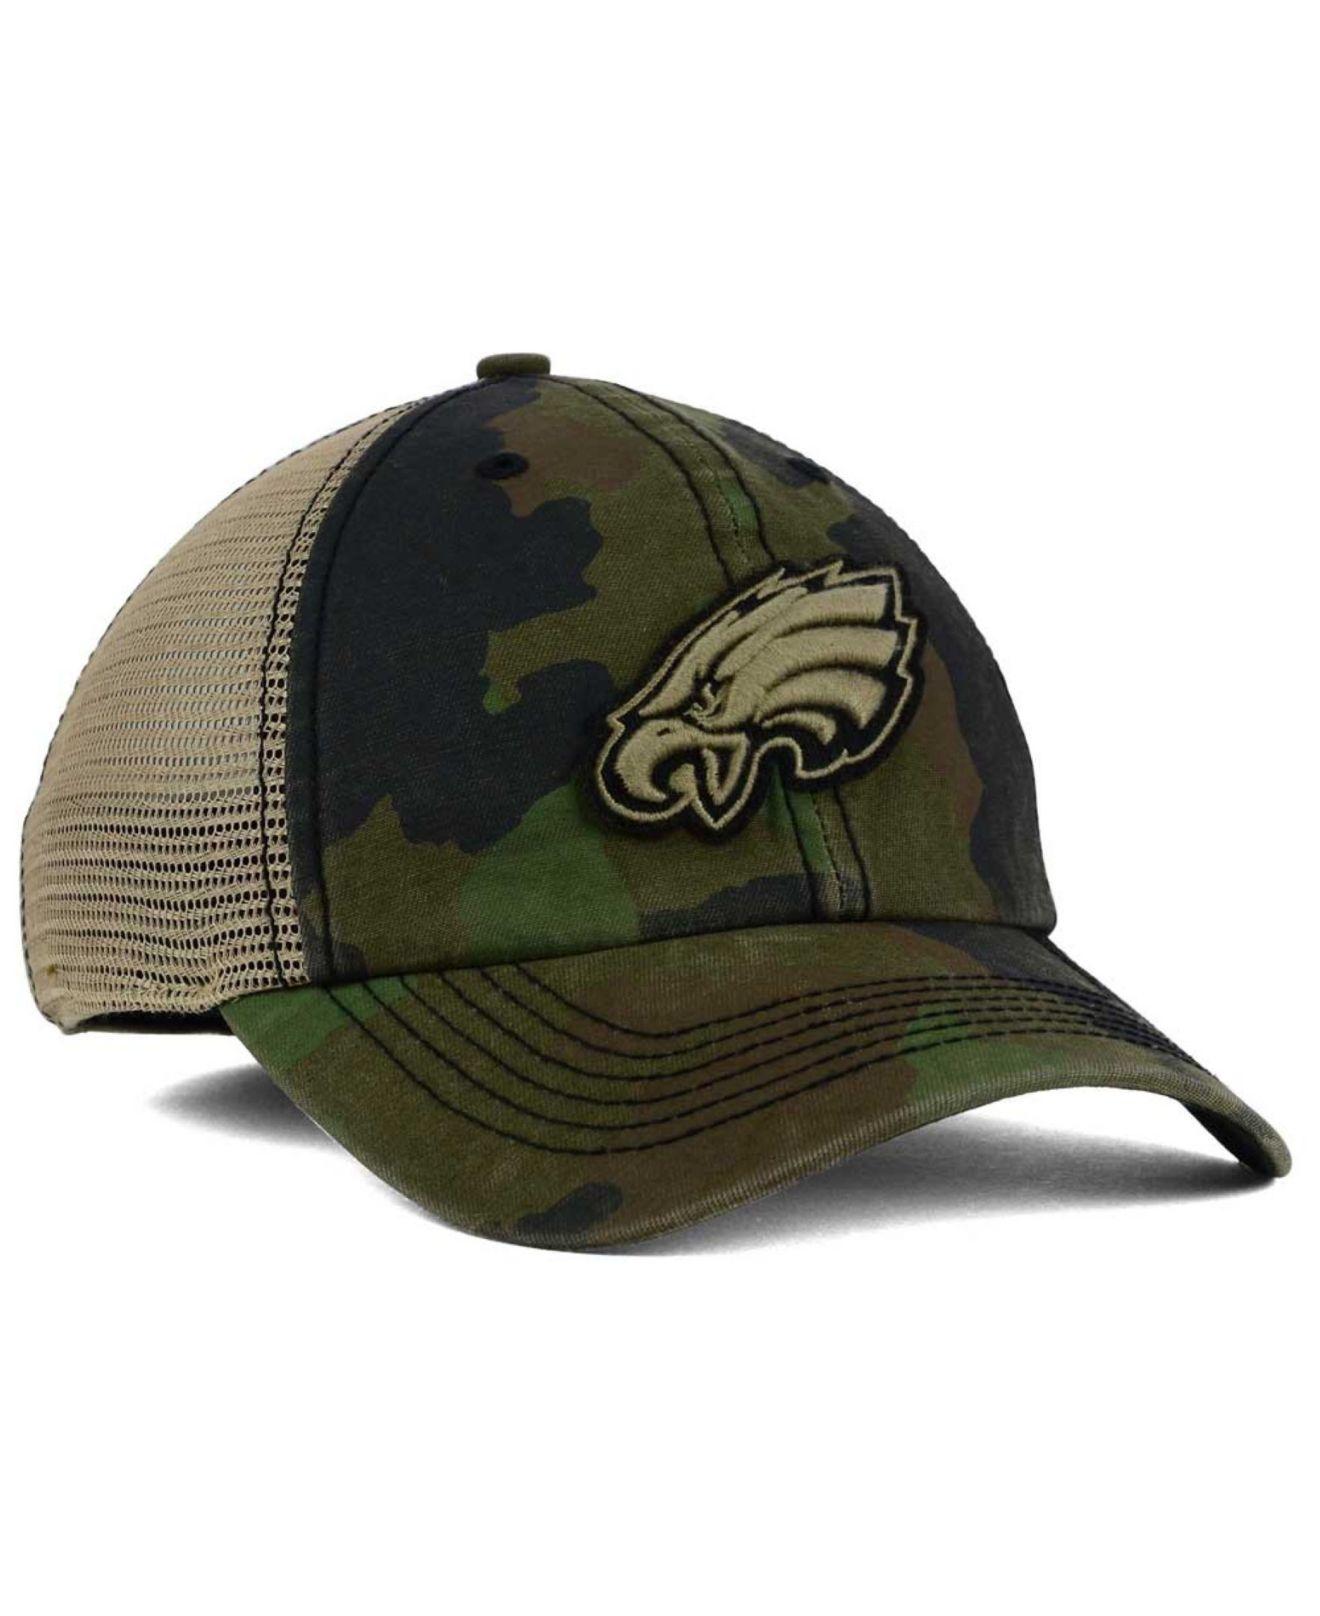 722e072ed8168 ... get lyst 47 brand philadelphia eagles barge closer cap in green for men  74178 f6aae